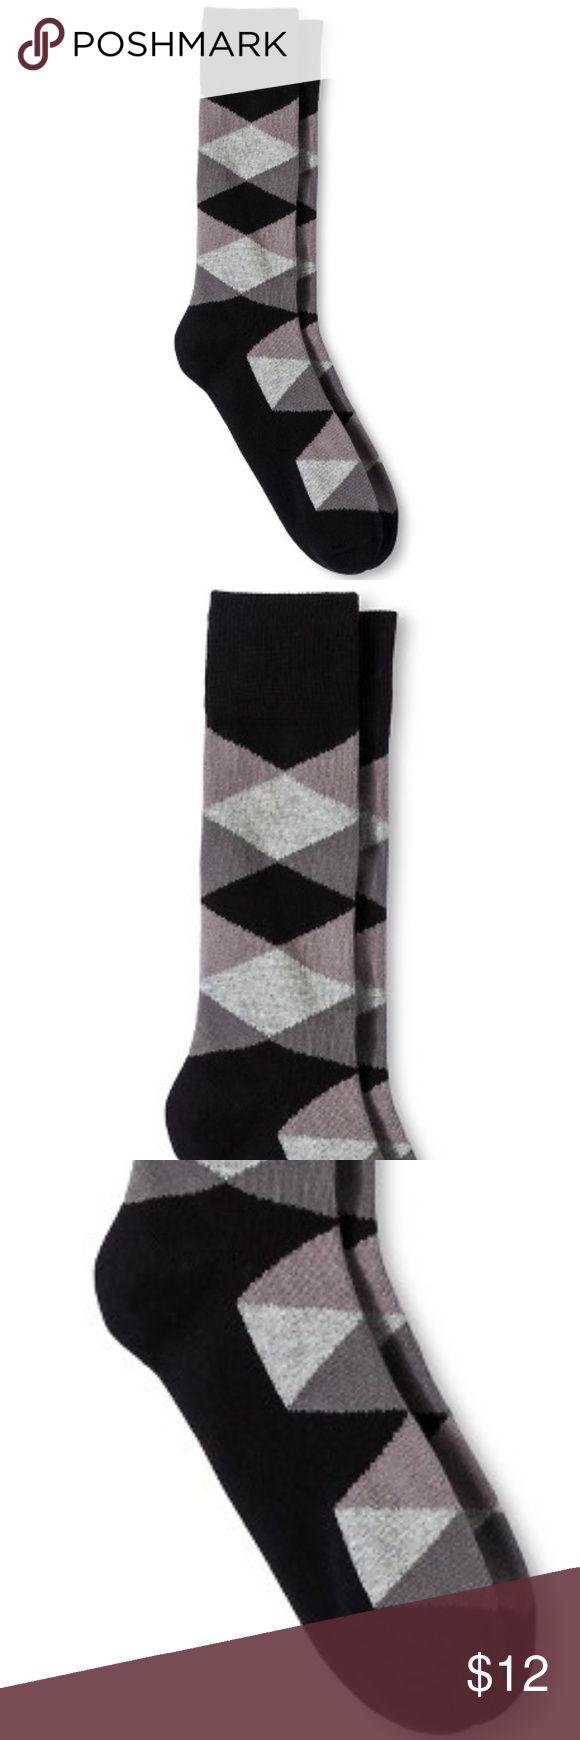 46 best argyle socks images on Pinterest | Argyle socks, Men\'s socks ...